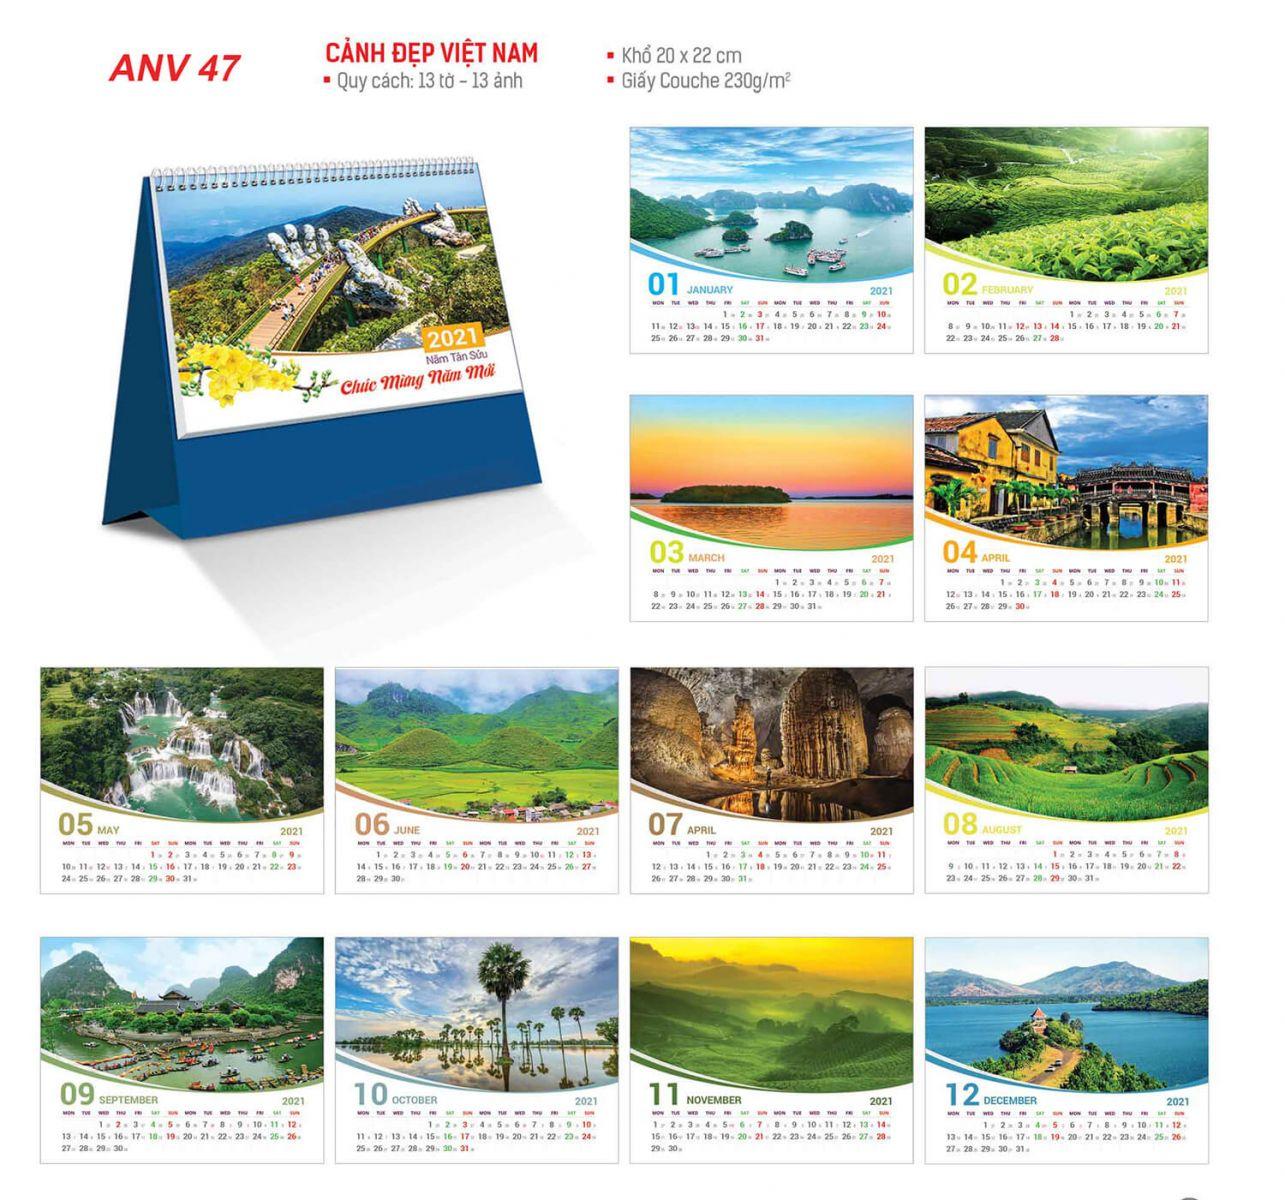 in lich tet Cảnh đẹp Việt Nam ANV 47 A&B